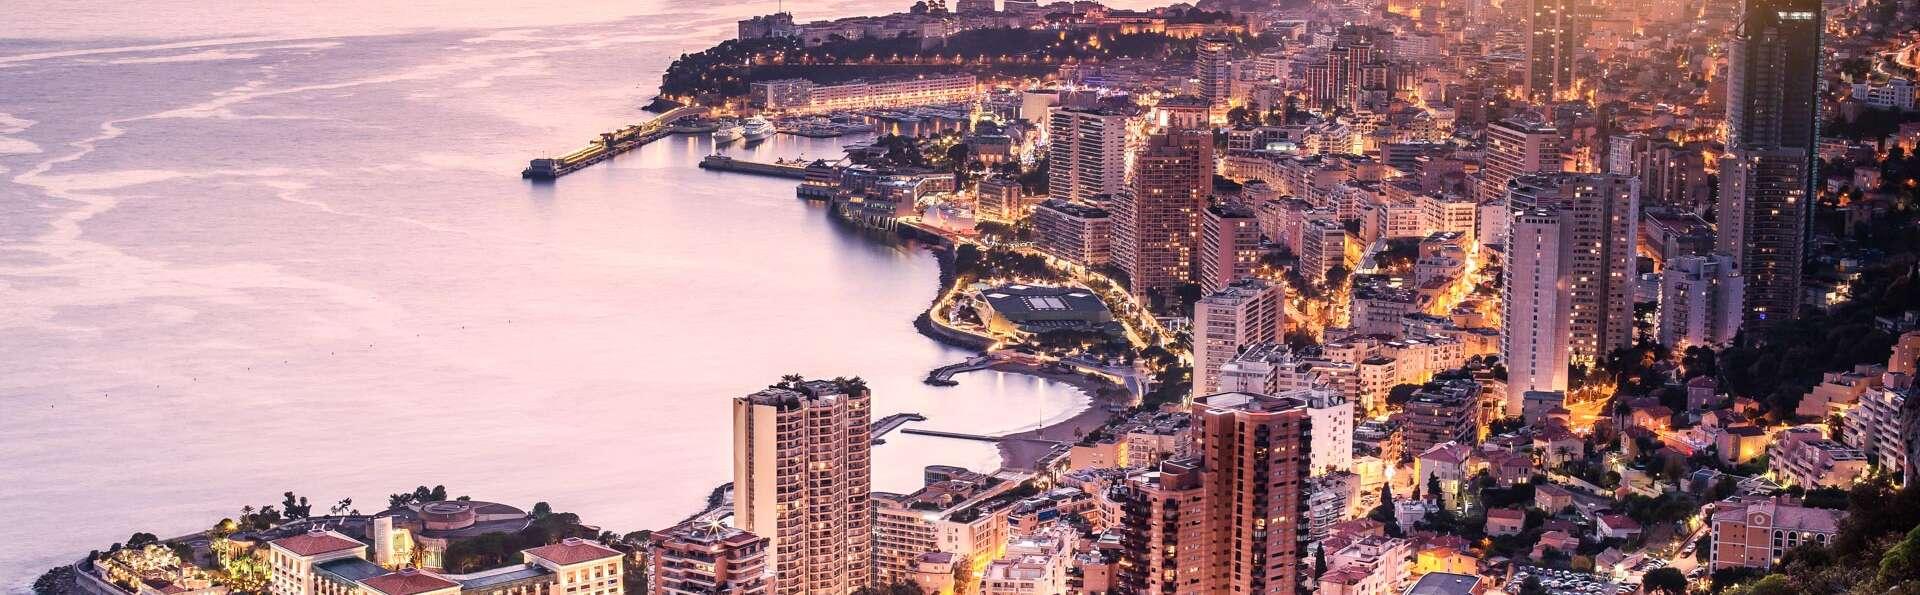 Frisse bries aan de Azurenkust in Monte Carlo